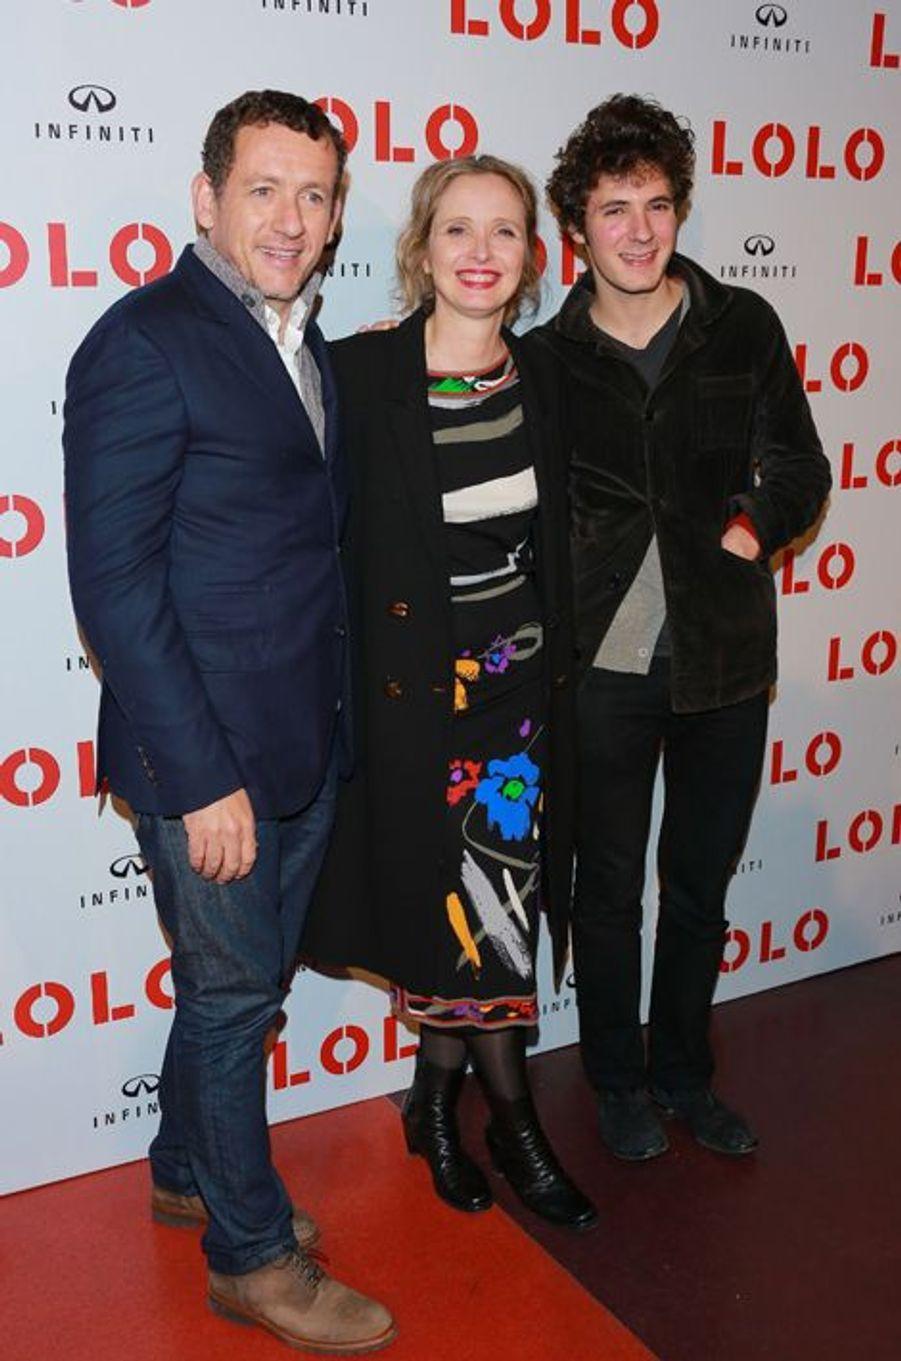 """Dany Boon, Julie Delpy et Vincent Lacoste à l'avant-première de """"Lolo"""", à Paris, le 19 octobre 2015"""